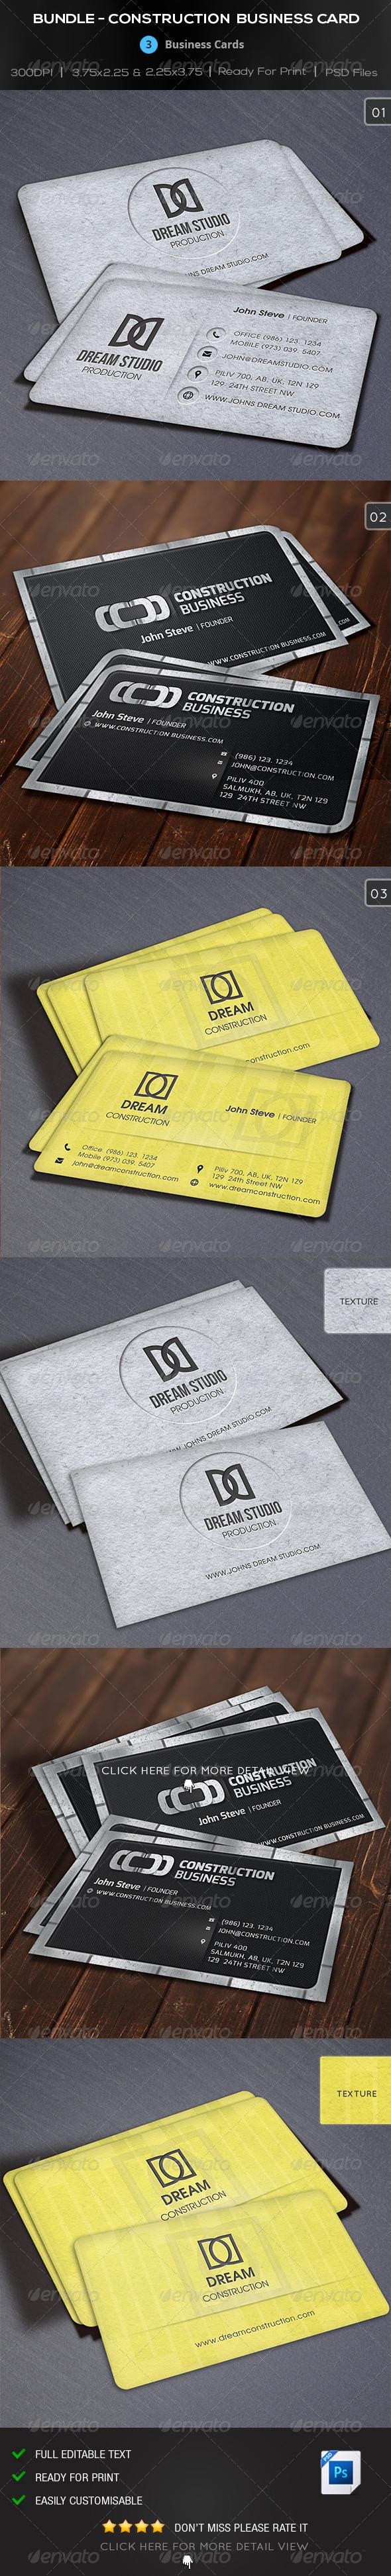 Bundle Construction Business Card